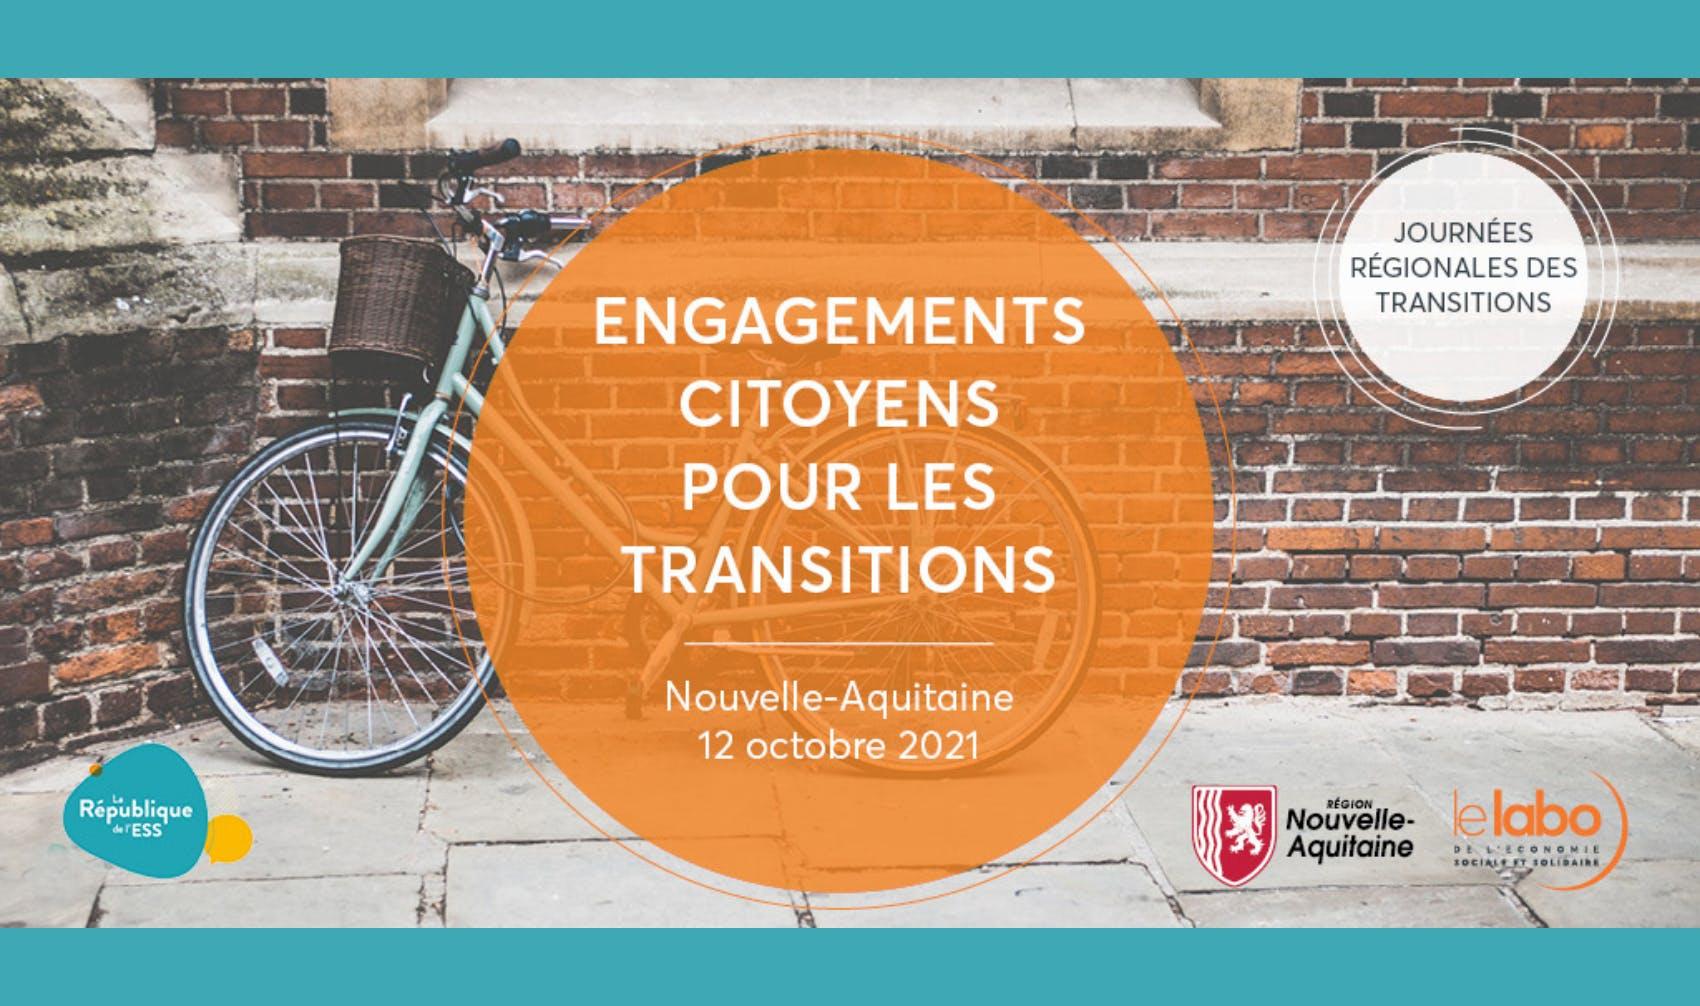 Journée régionale des transitions 2021 - Enercoop Nouvelle-Aquitaine